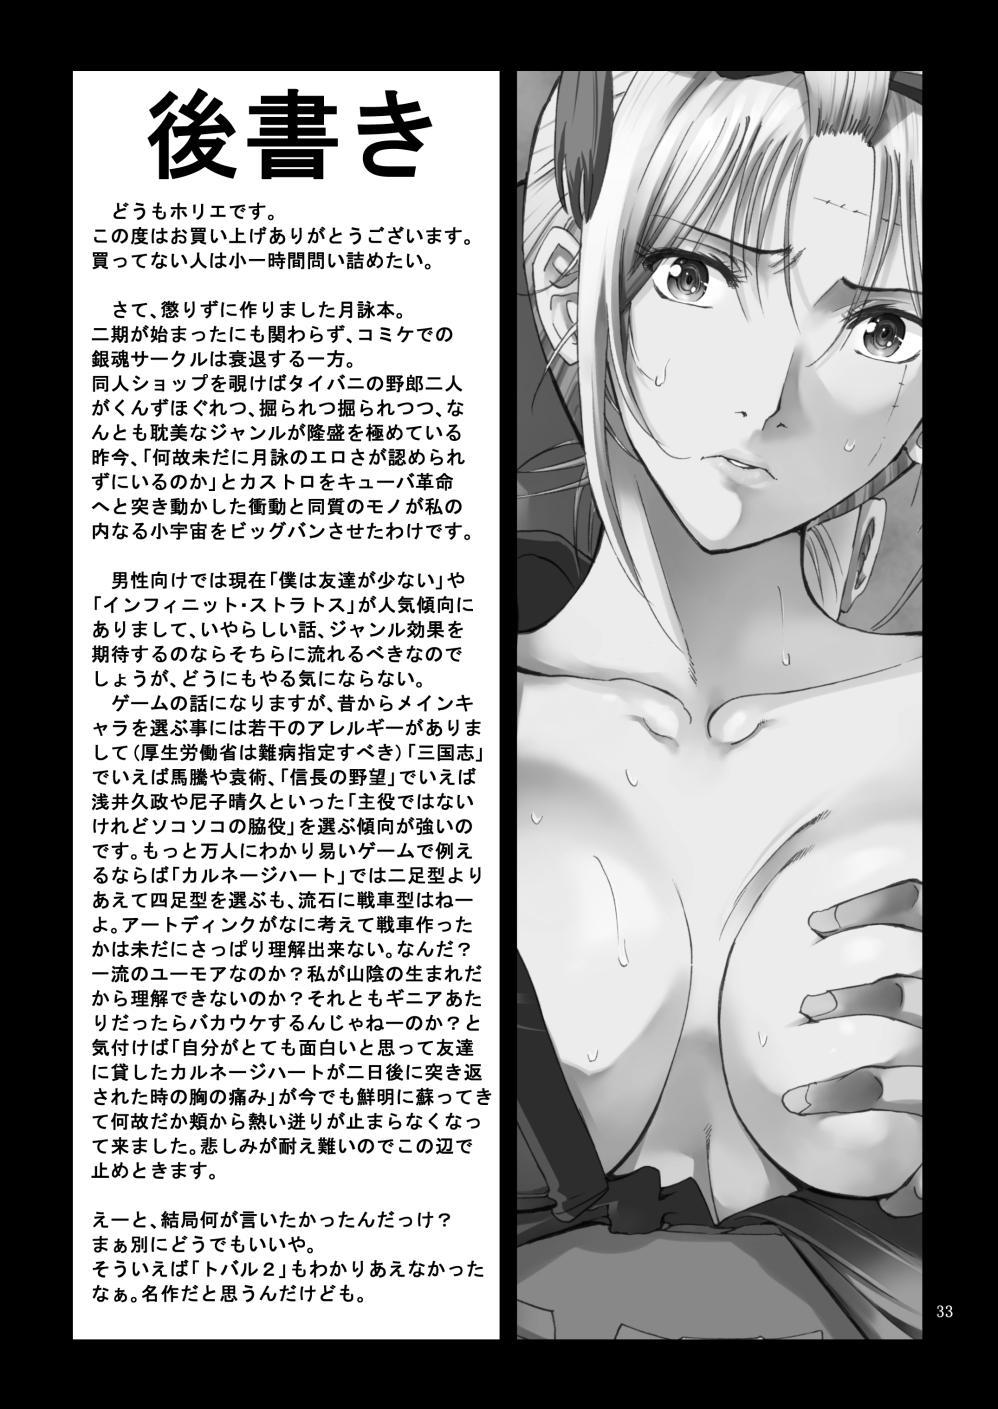 Tsukuyo-san ga Iyarashii Koto o Sarete Shimau Hanashi 2 14